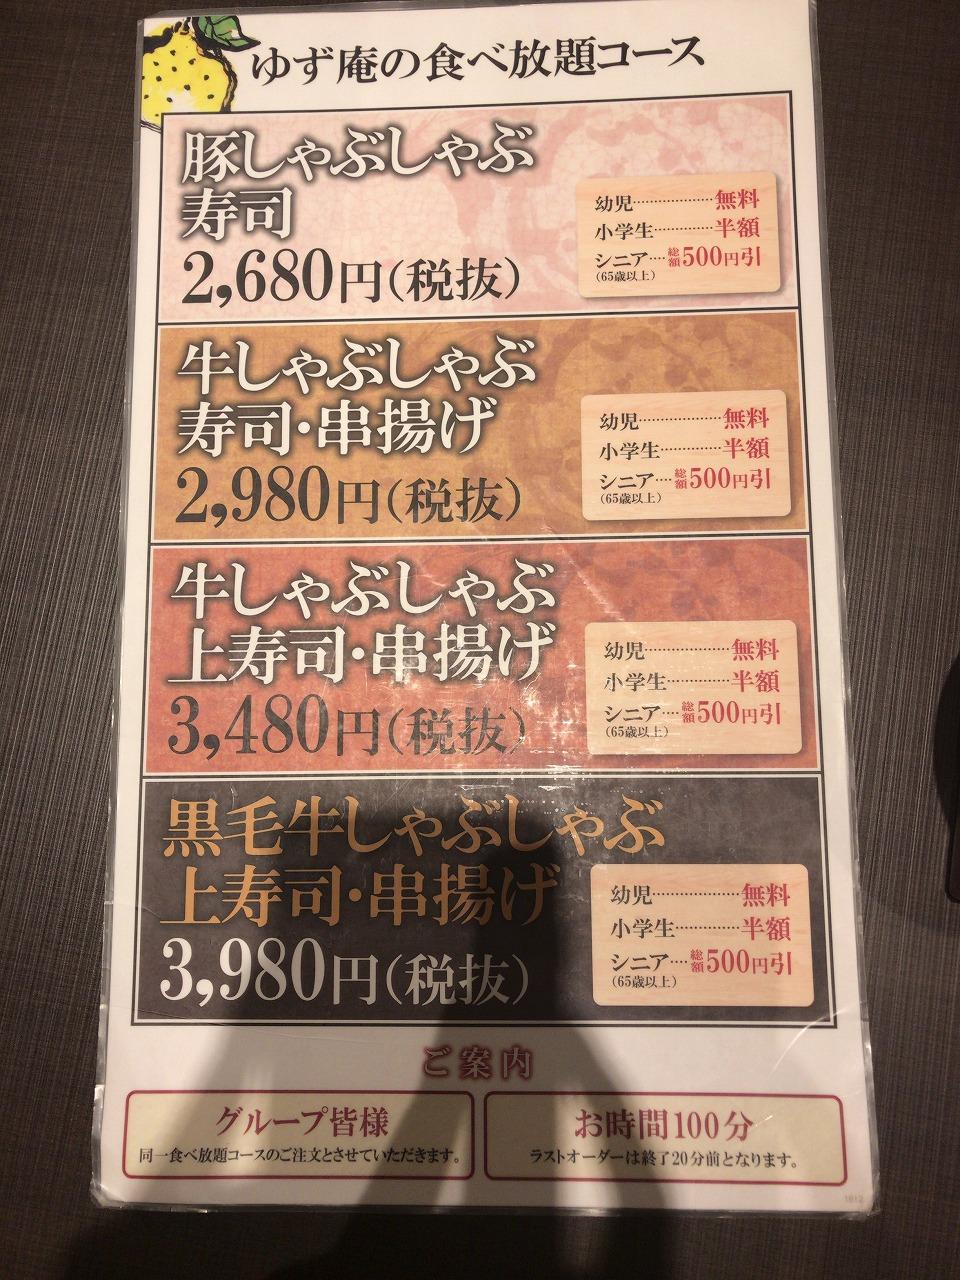 ゆず庵宮崎柳丸店の食べ放題コース4種